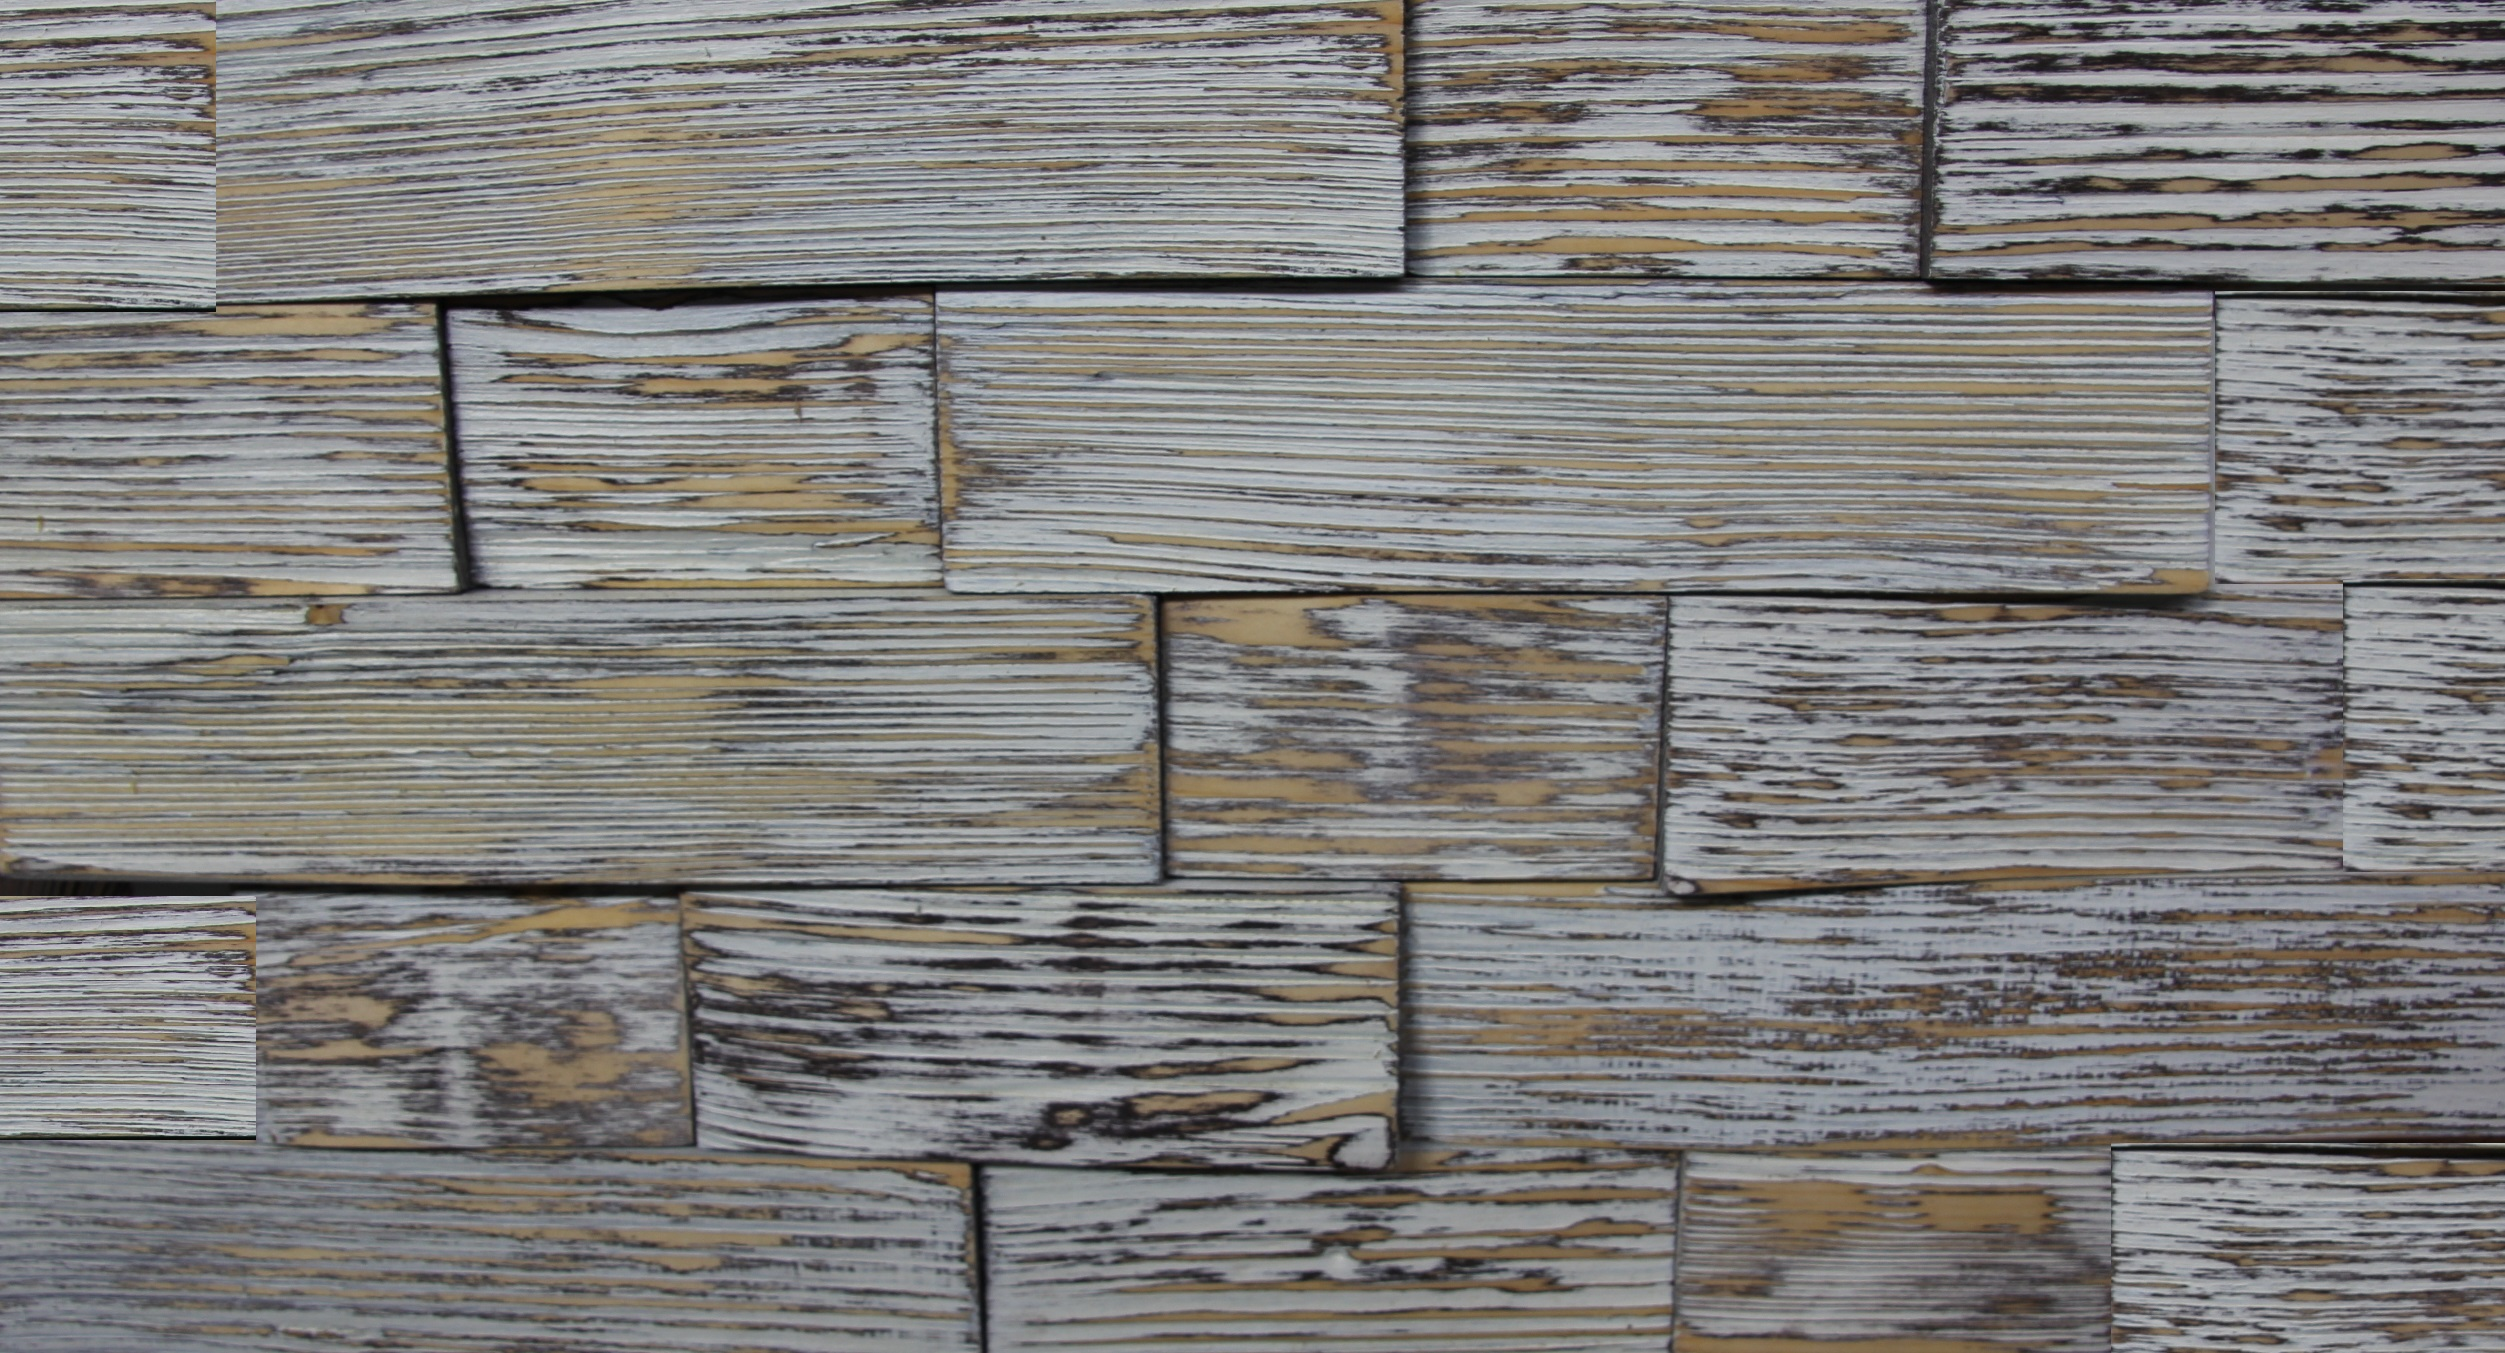 Wandverkleidung Holz Wei wandverkleidung holz weiß wandpaneele aus holz wei lasieren 35 ideen f rs landhaus